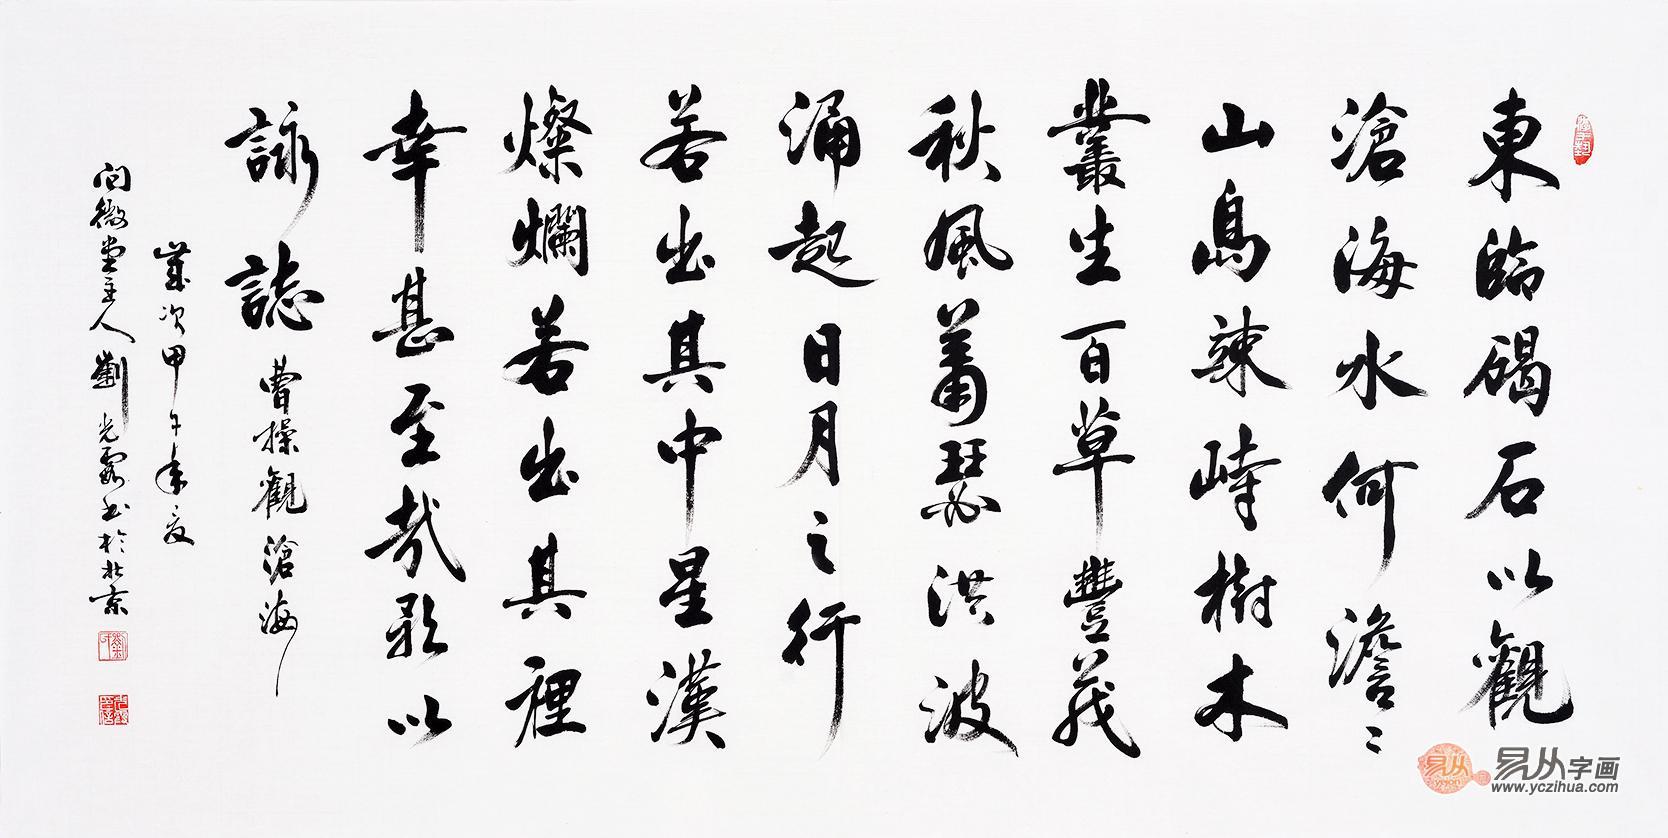 四尺竖幅书法作品《舍得》-刘光霞书法作品欣赏图片